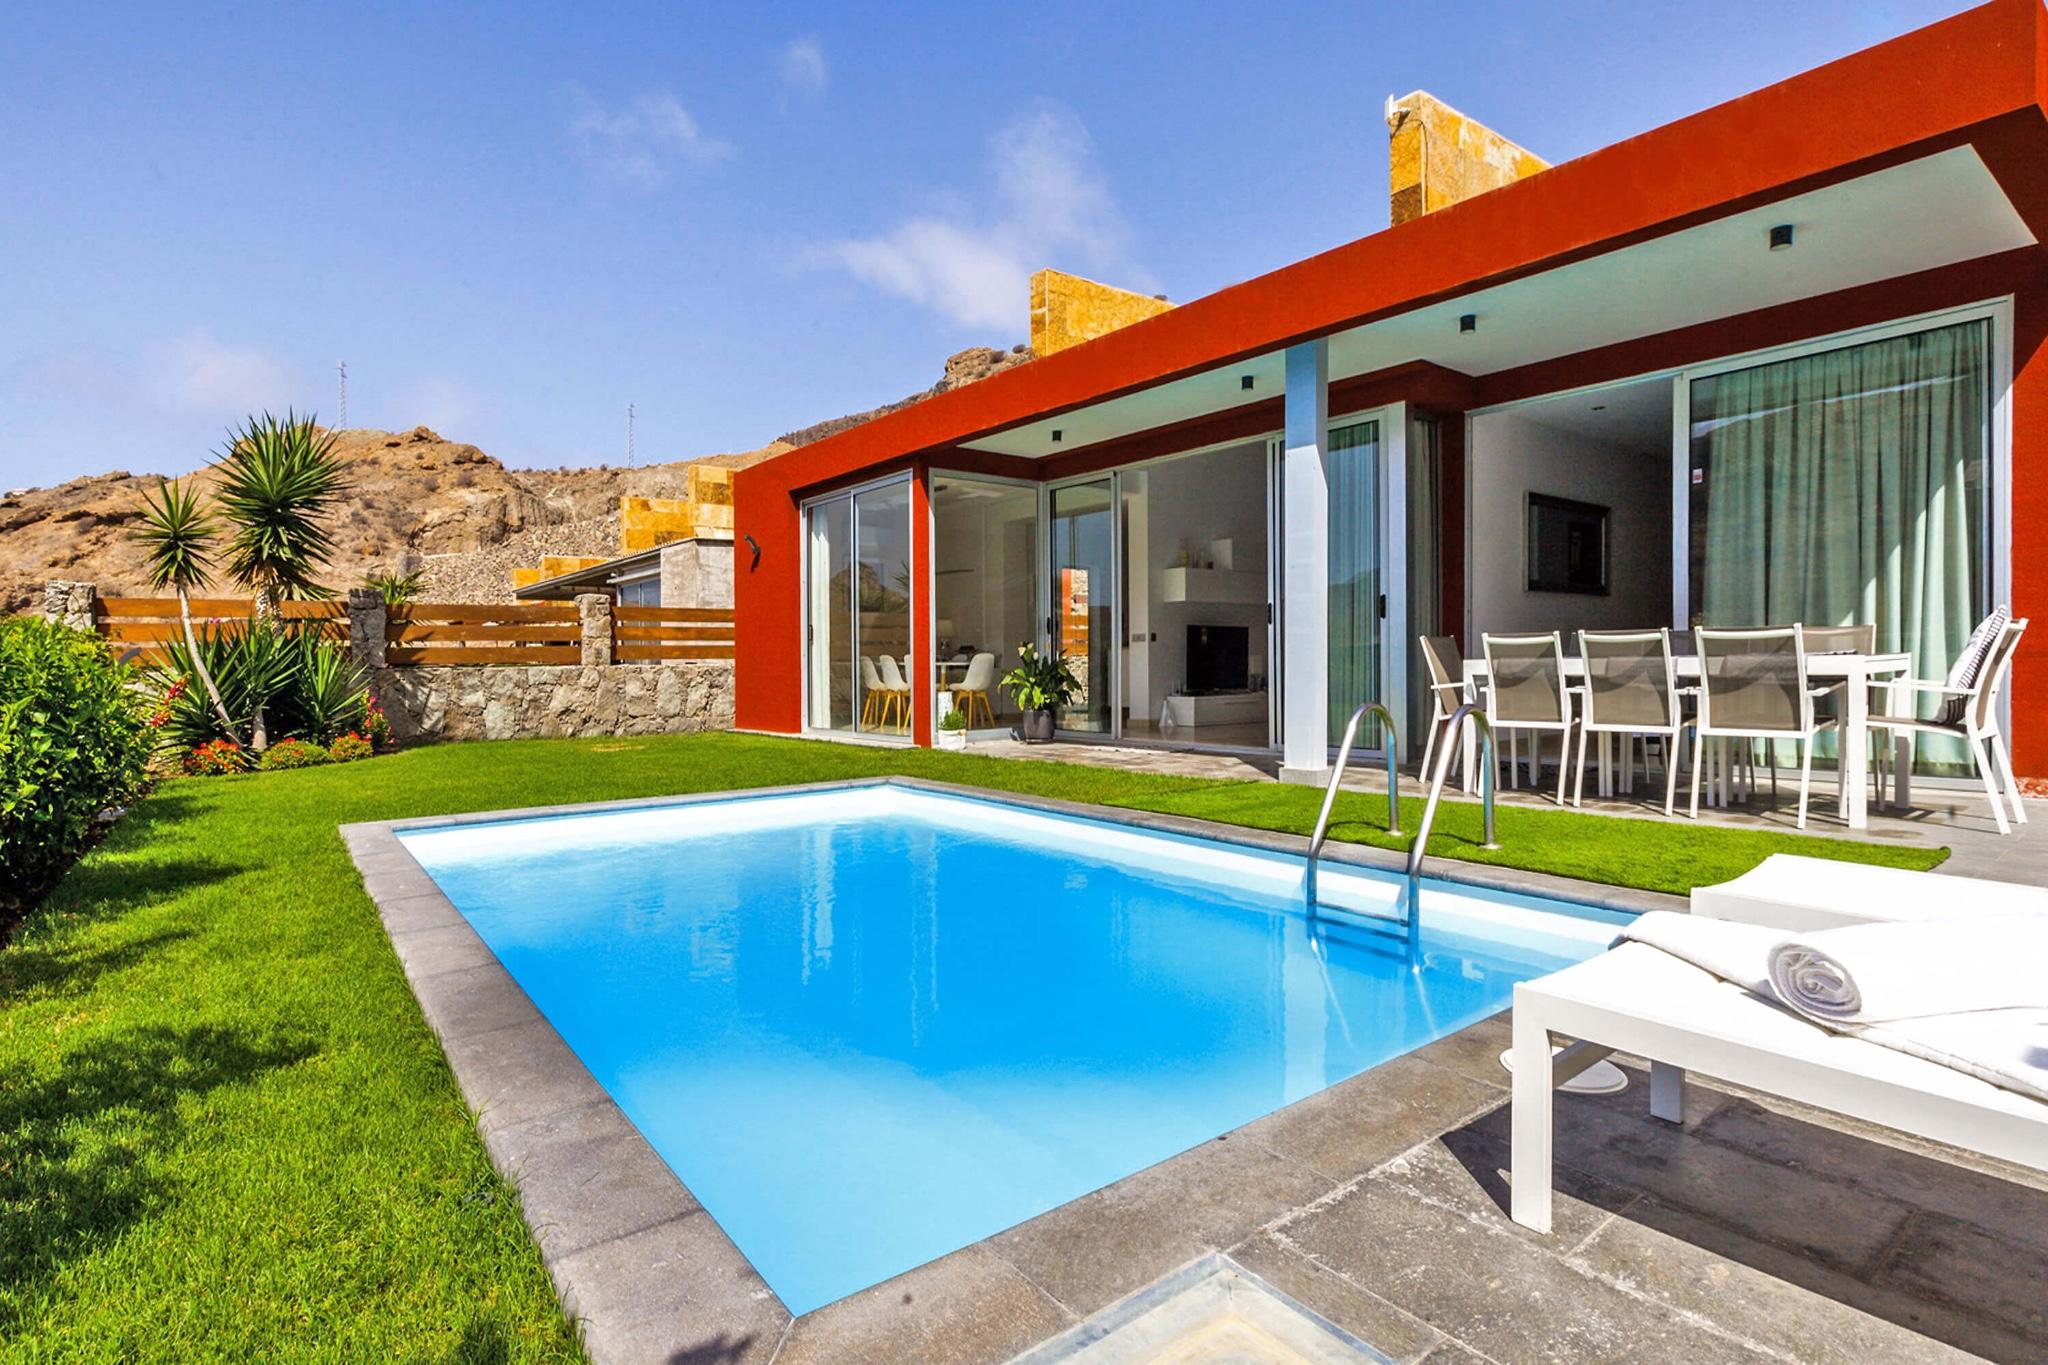 Moderna villa con piscina privada en el sur de gran canaria - Villas en gran canaria con piscina ...